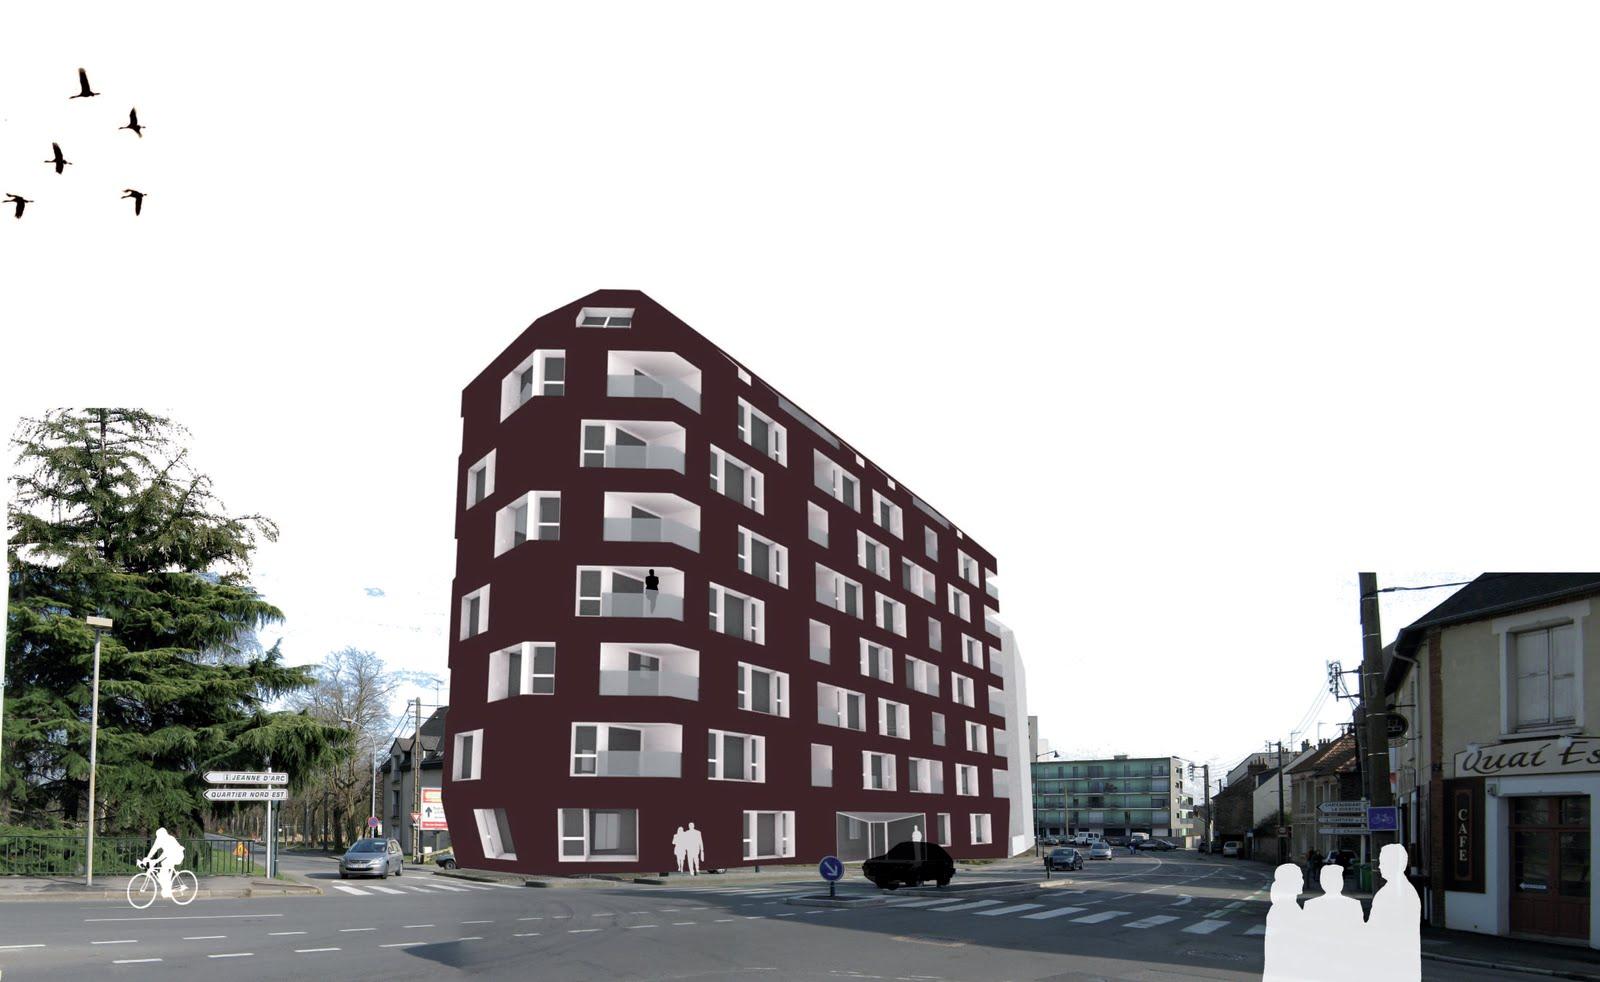 27 logements sociaux rennes bohuon bertic architectes for Architectes rennes